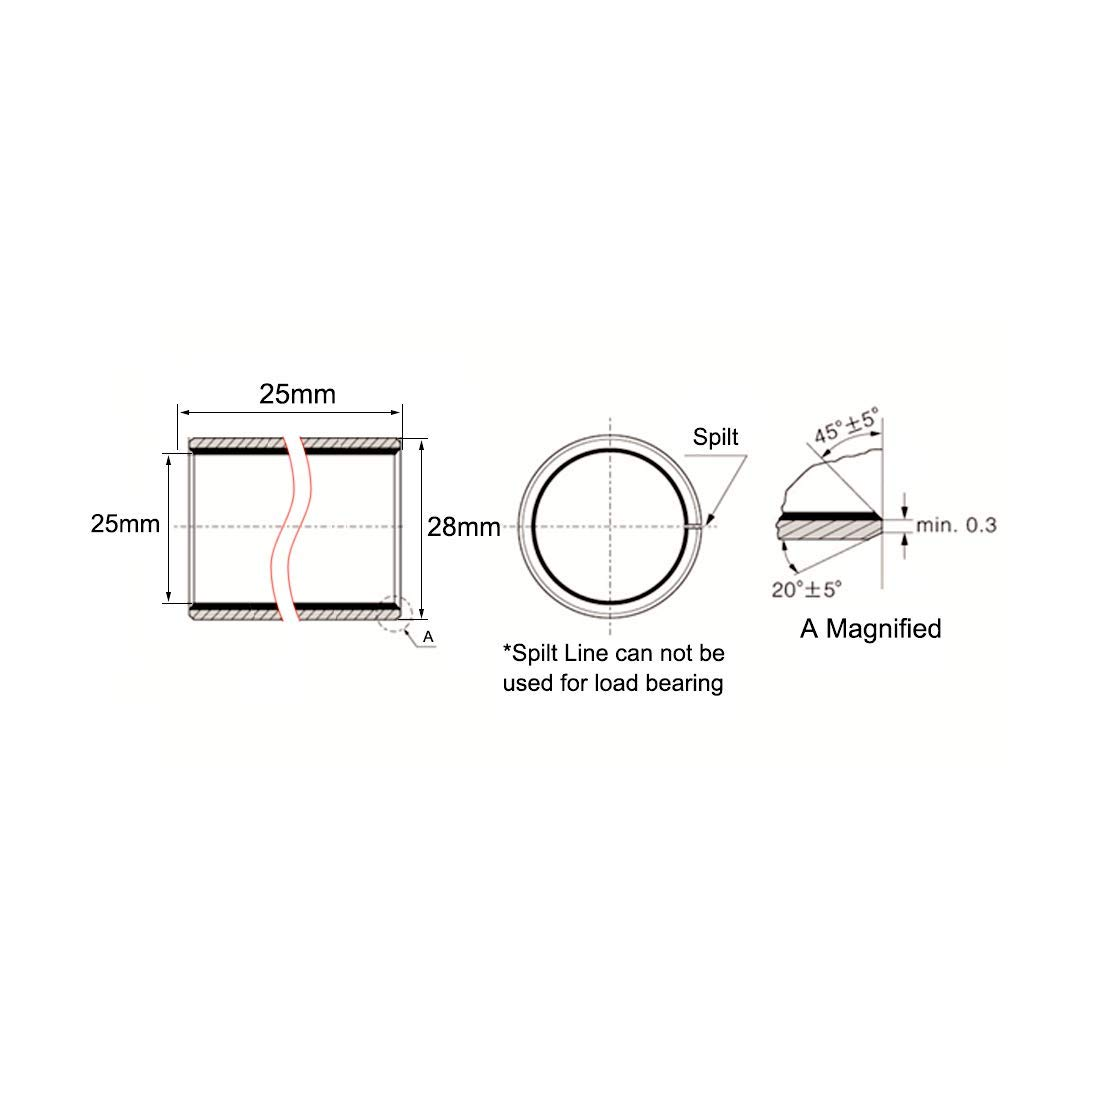 Sleeve Bearing 25 mm Diameter x 28 mm Outside Diameter x 25 mm Length Plain Bearings Oil-Free bushings Pack of 1